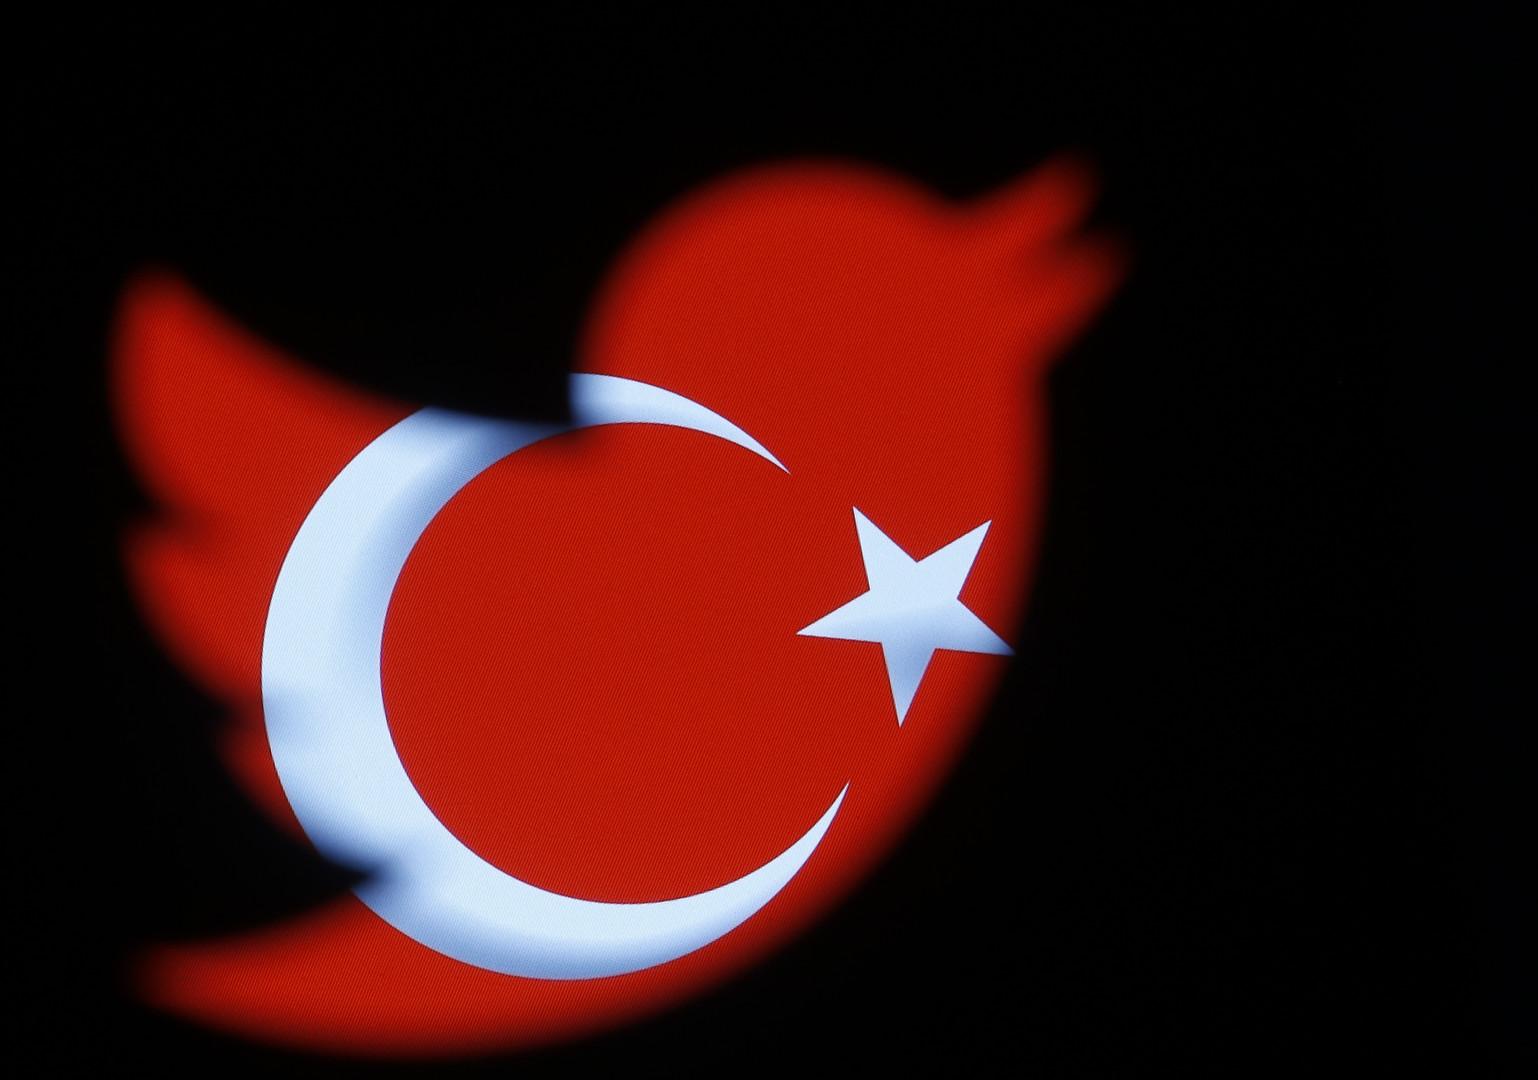 السجن 10 سنوات لمعارضة تركية أدينت بإهانة أردوغان